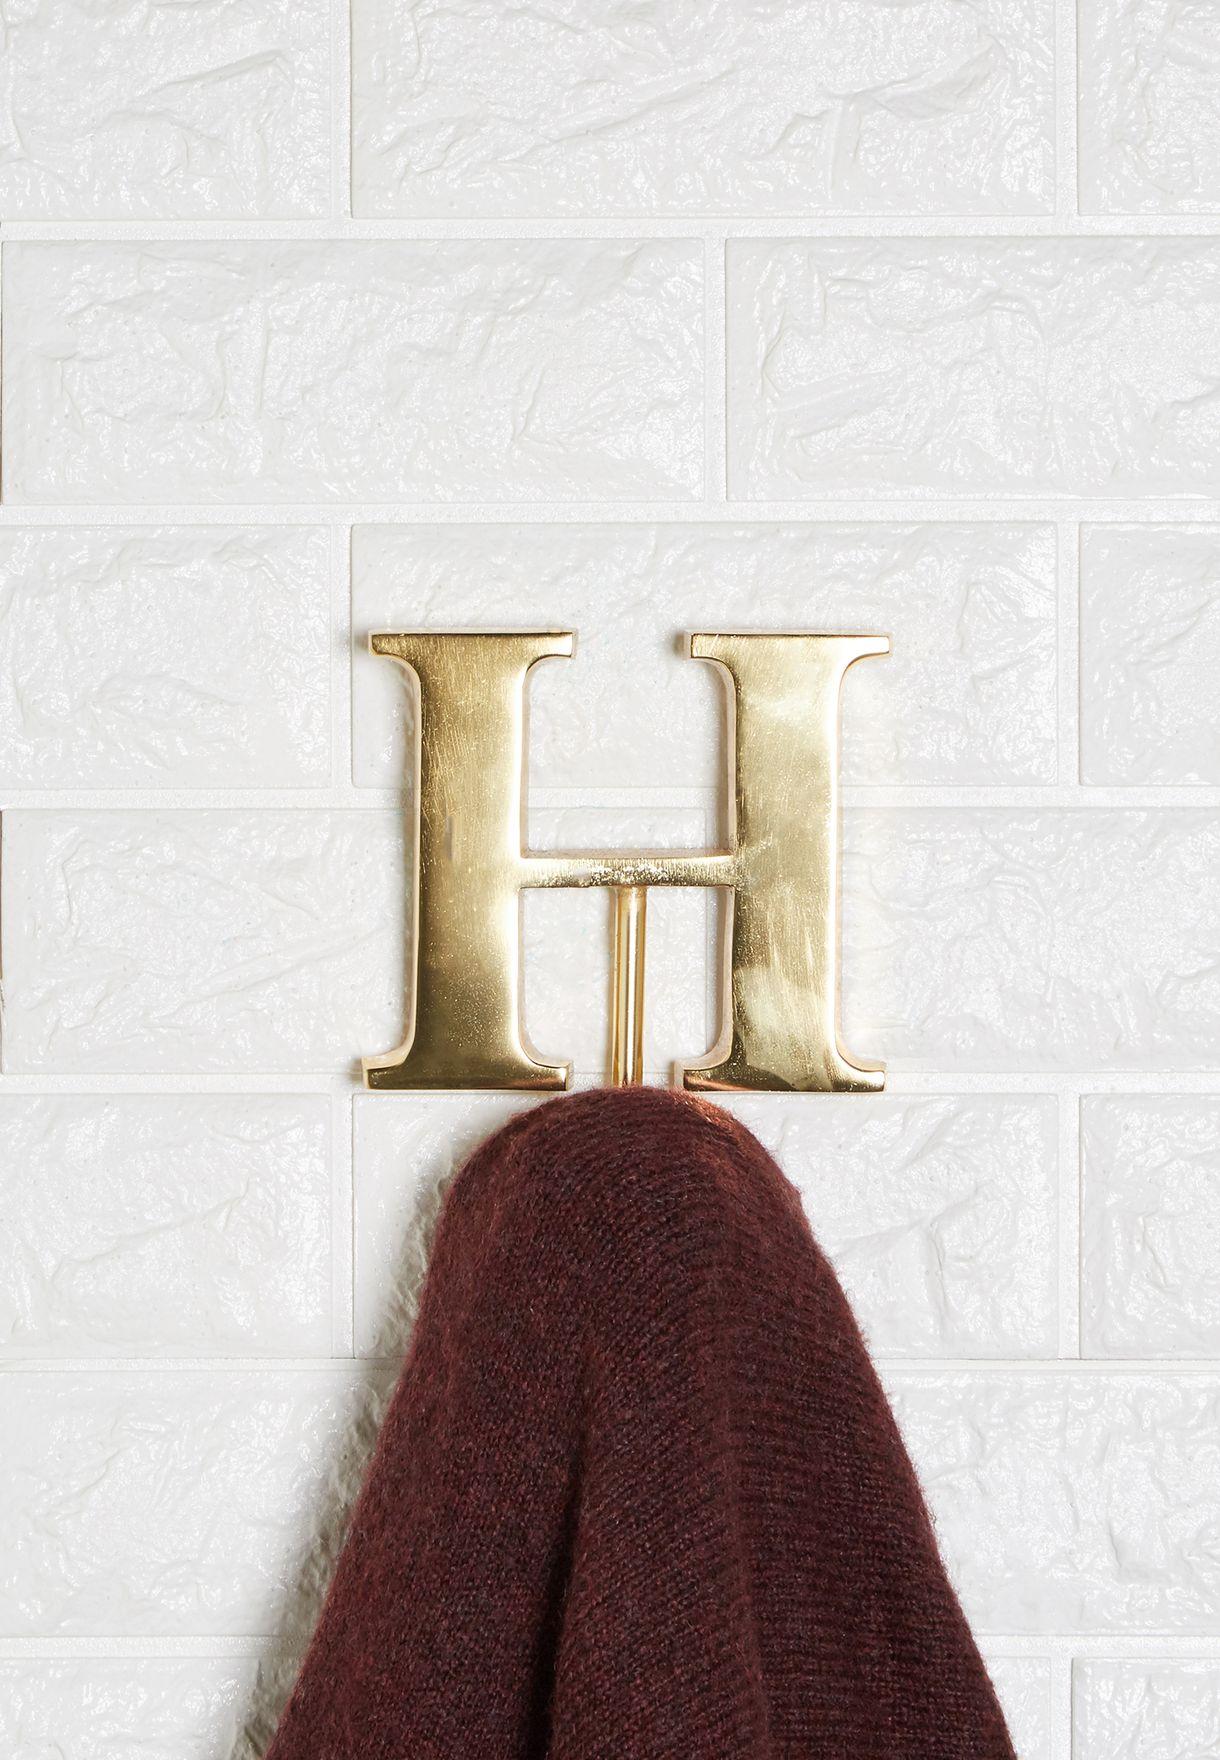 خطاف بحرف H